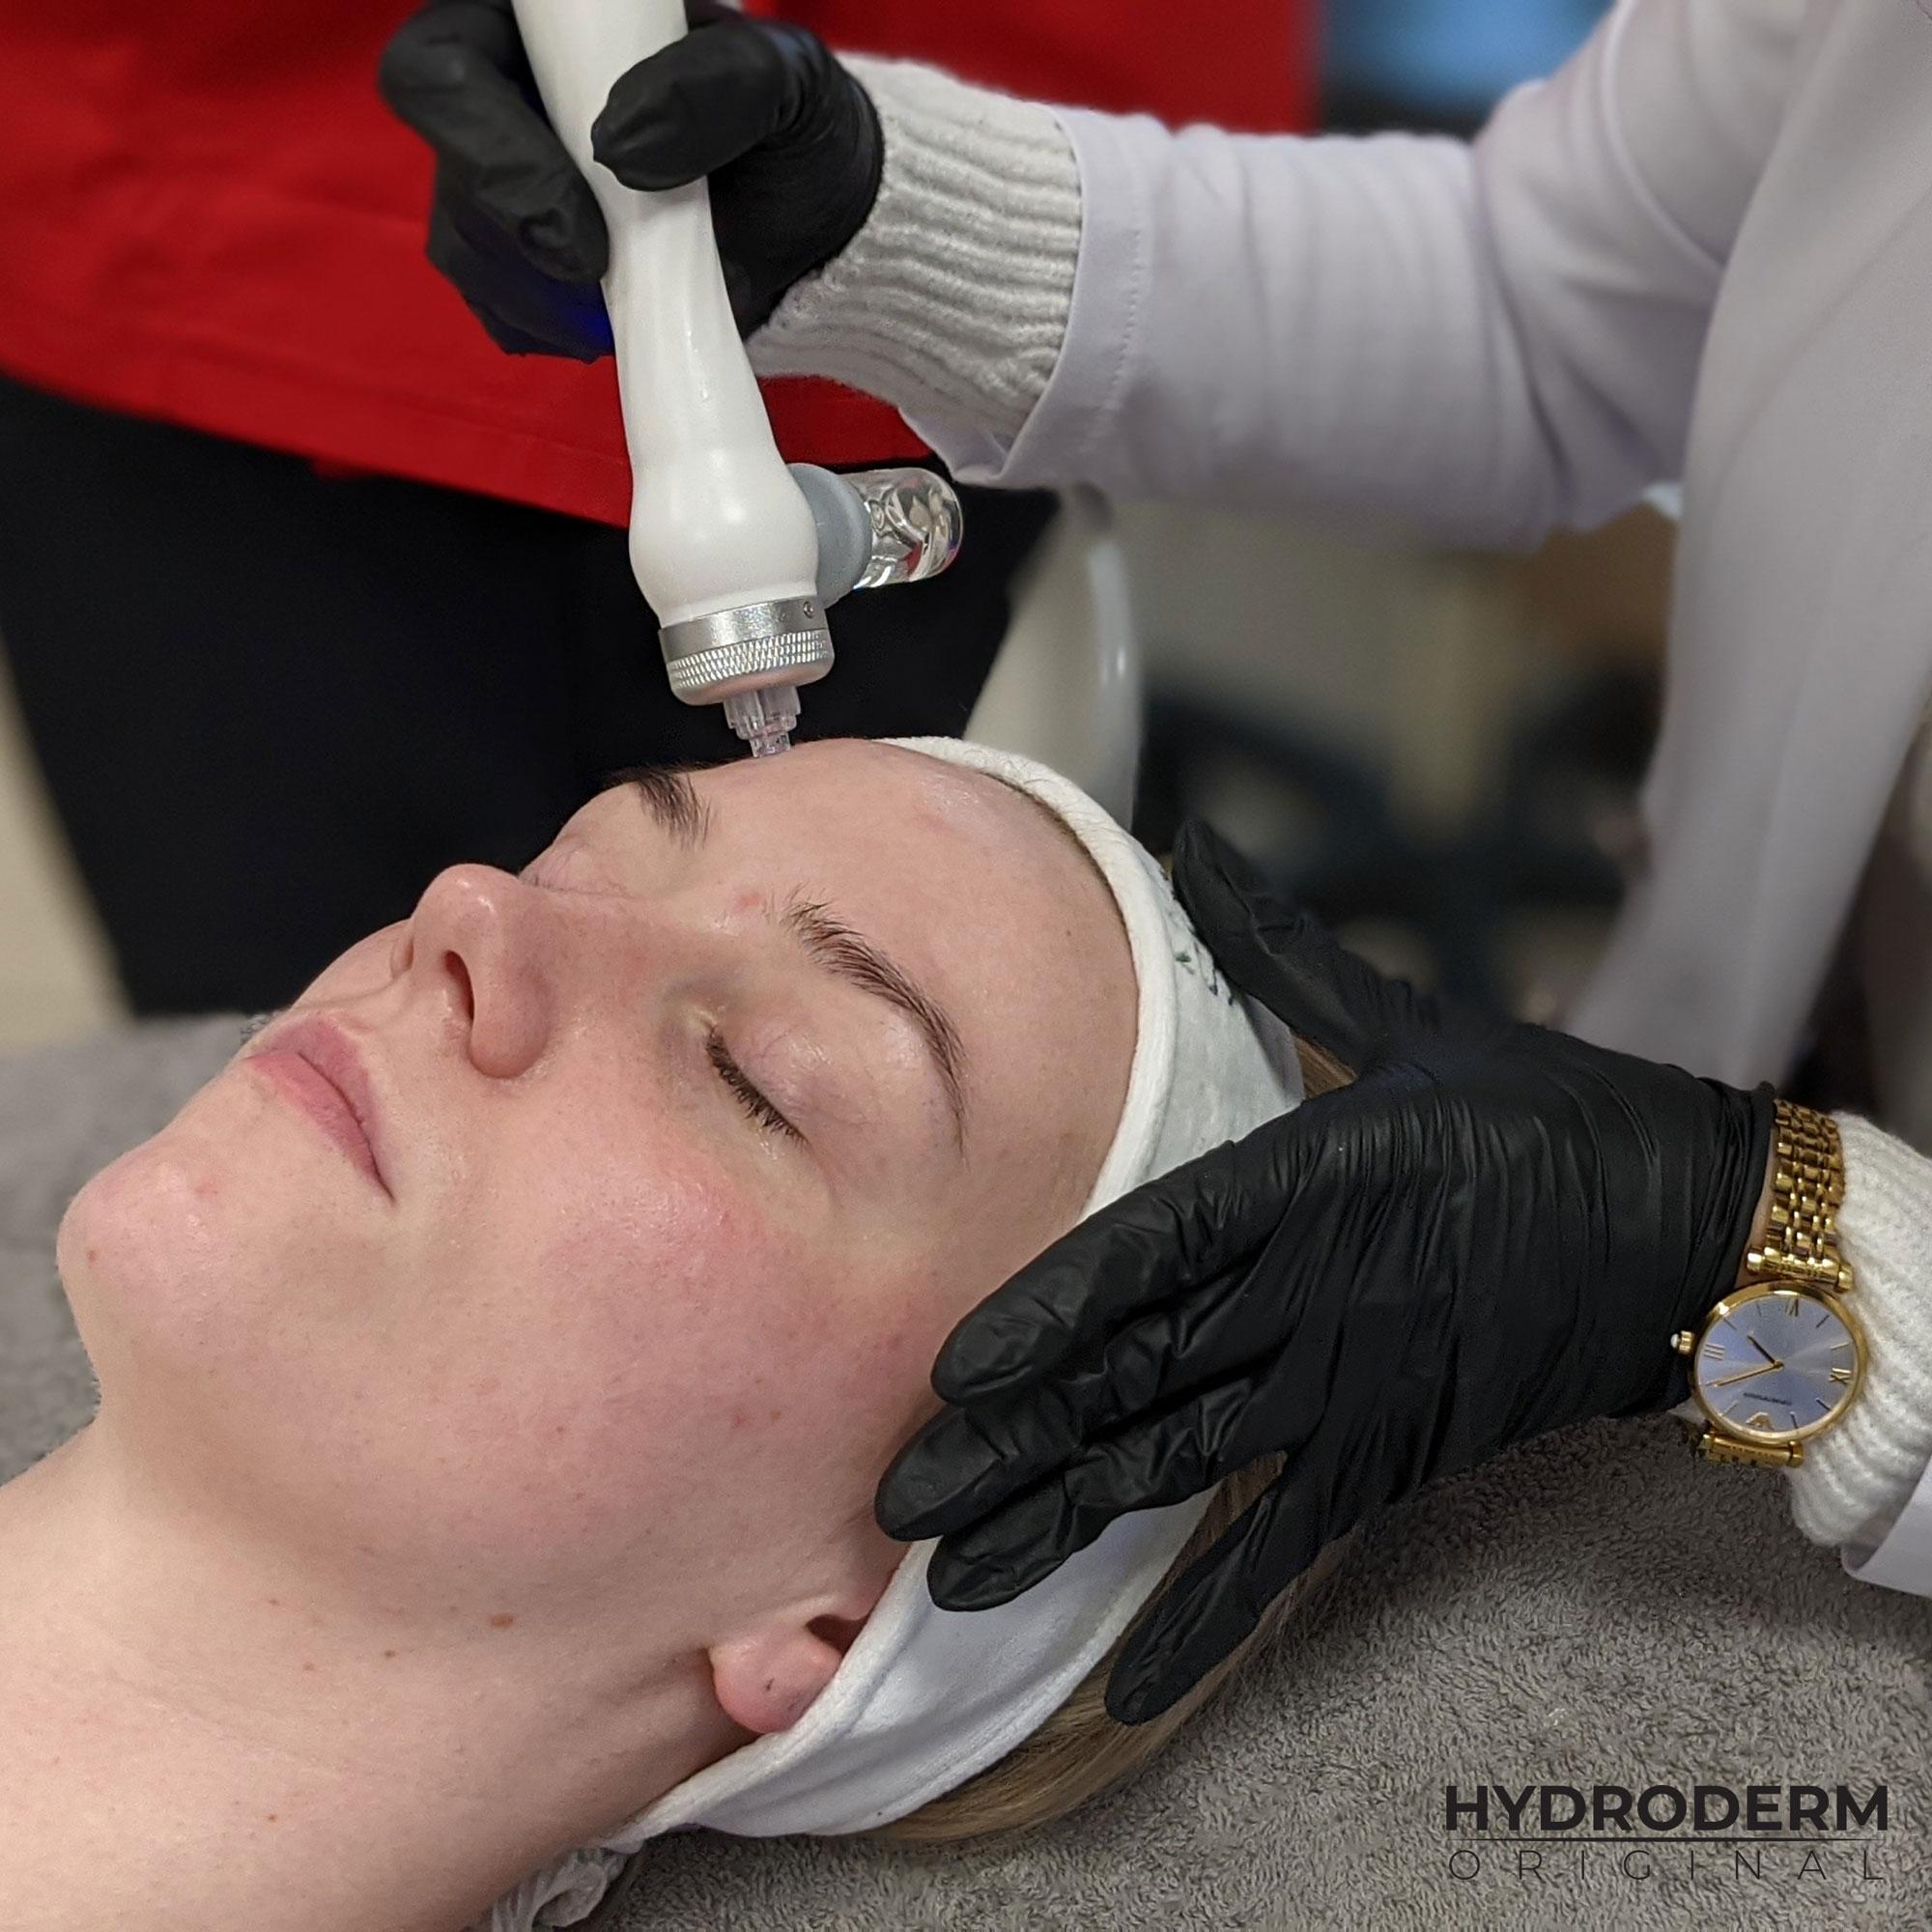 Podczas infuzji wodorowej wprowadzamy w głąb skóry składniki aktywne, które odżywiają właściwe warstwy naskórka